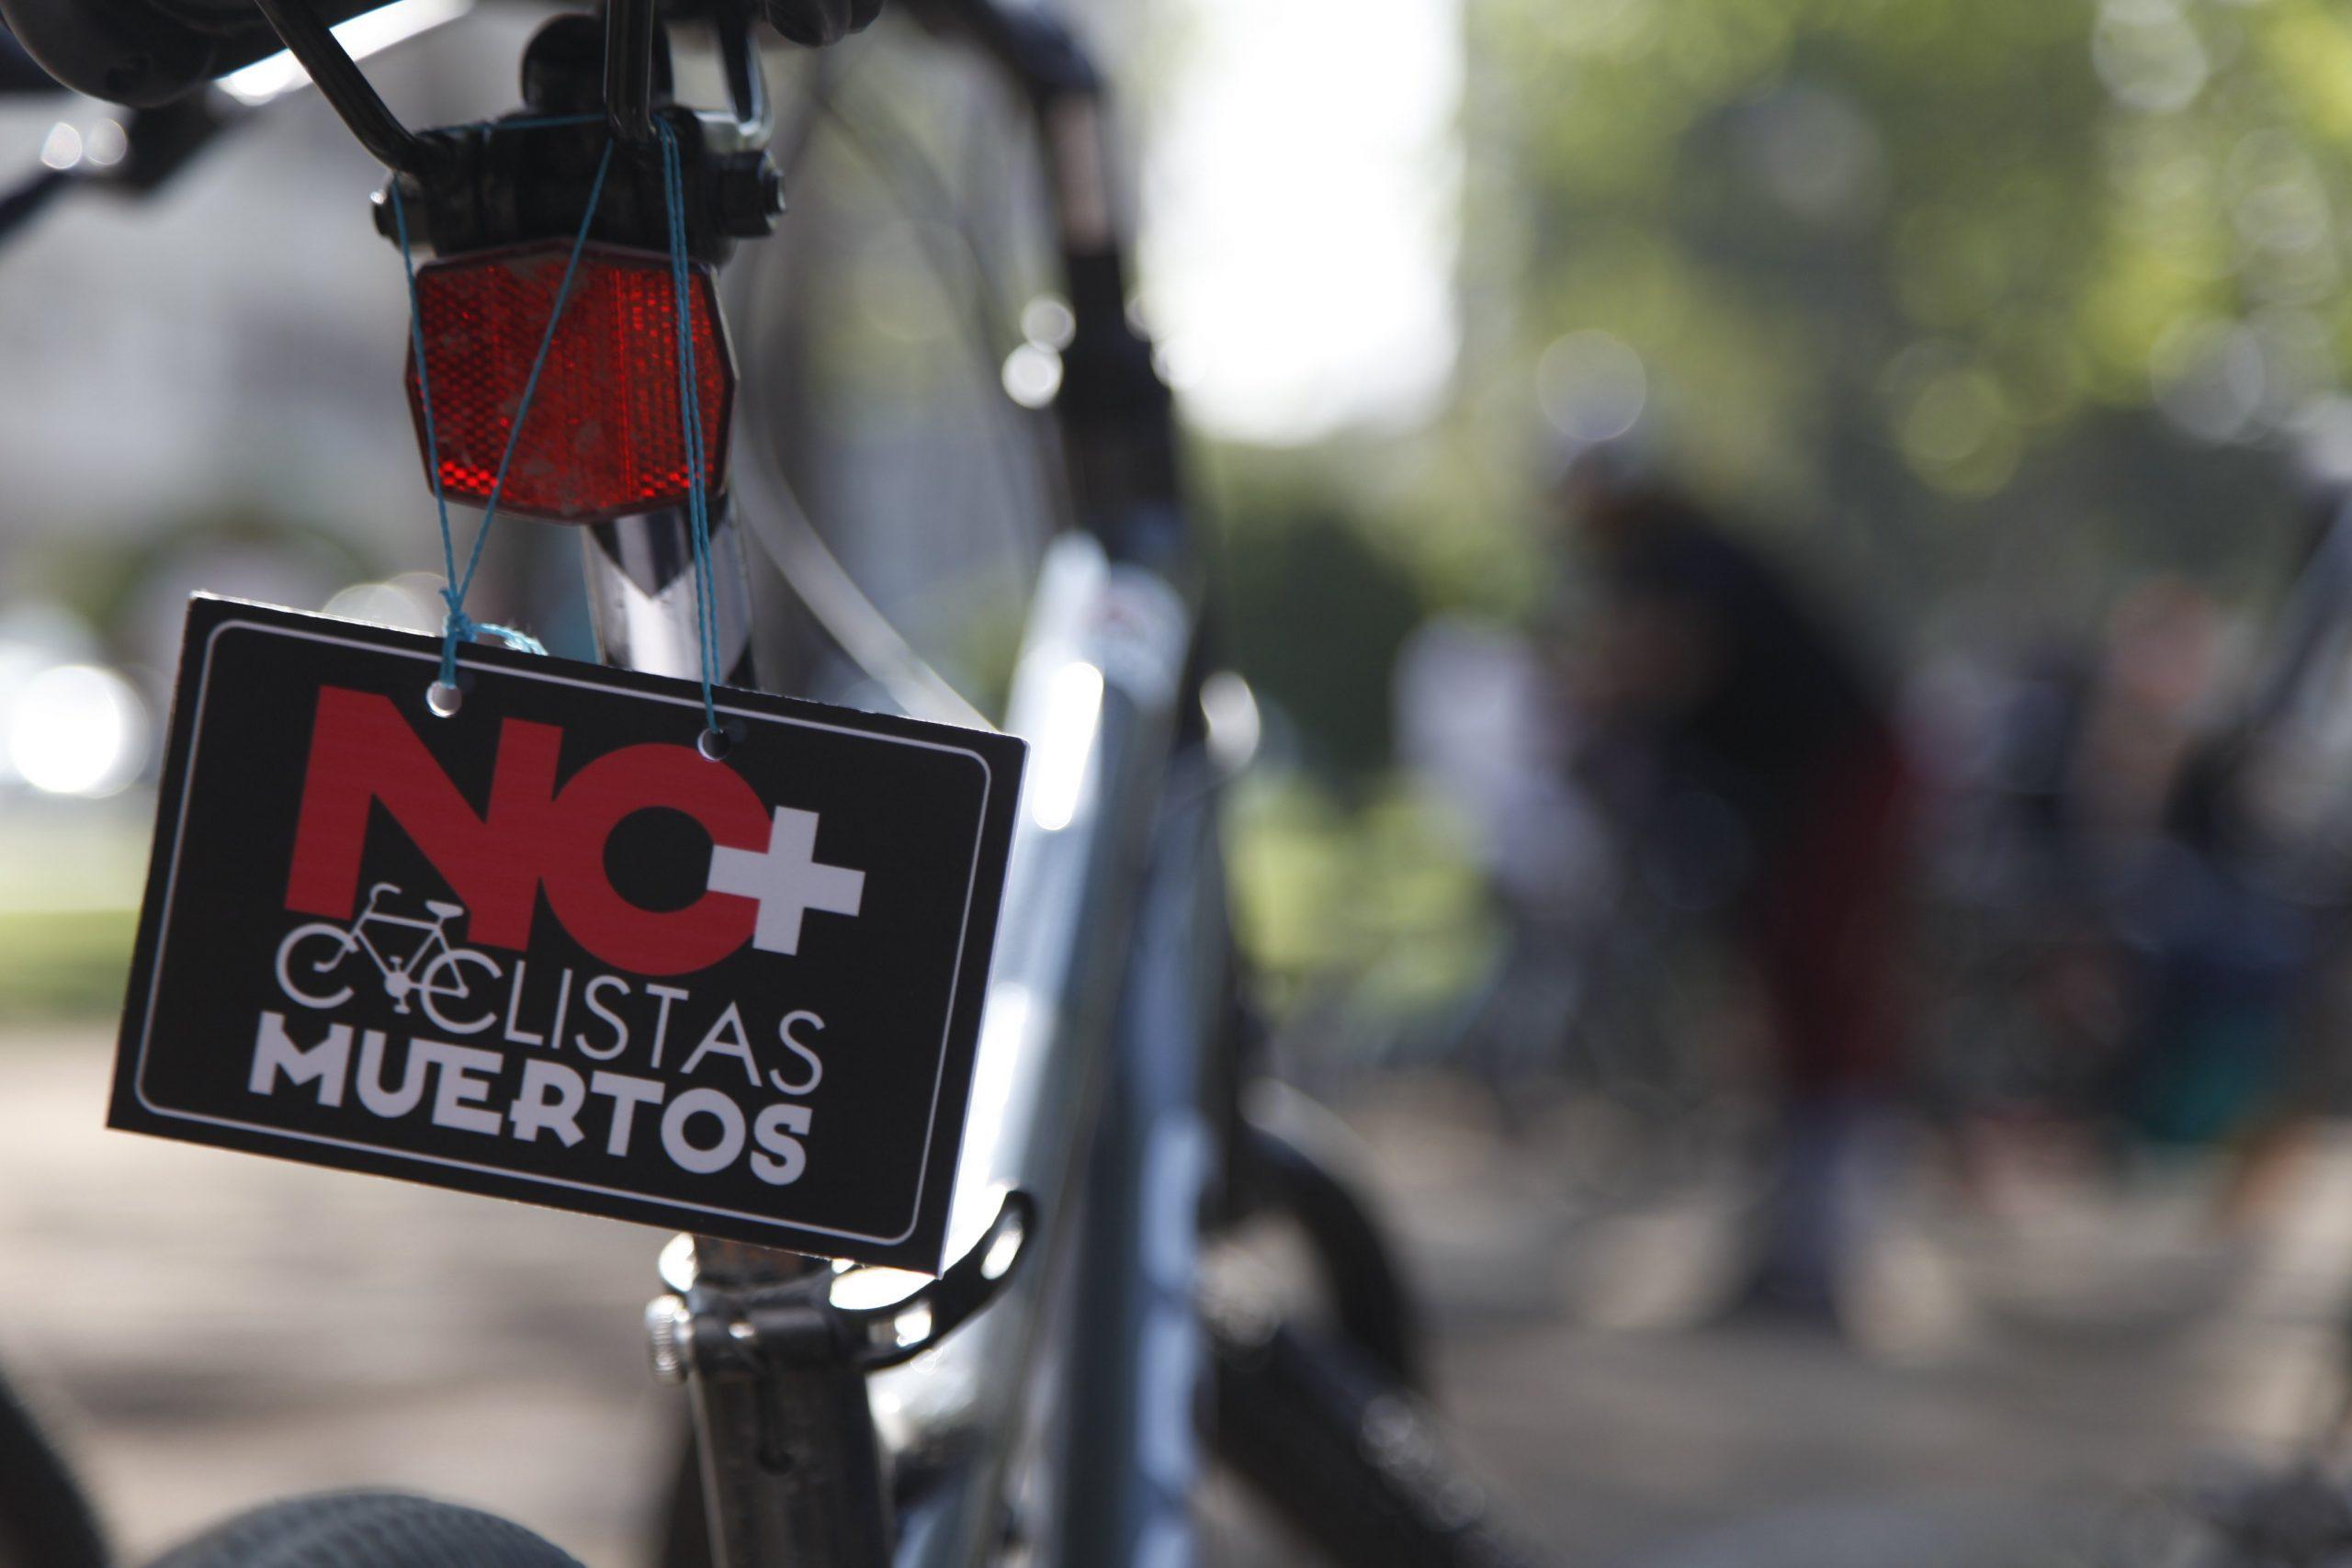 #NoMásCiclistasMuertos: Muertes de ciclistas en Chile alcanza su cifra más alta en 5 años